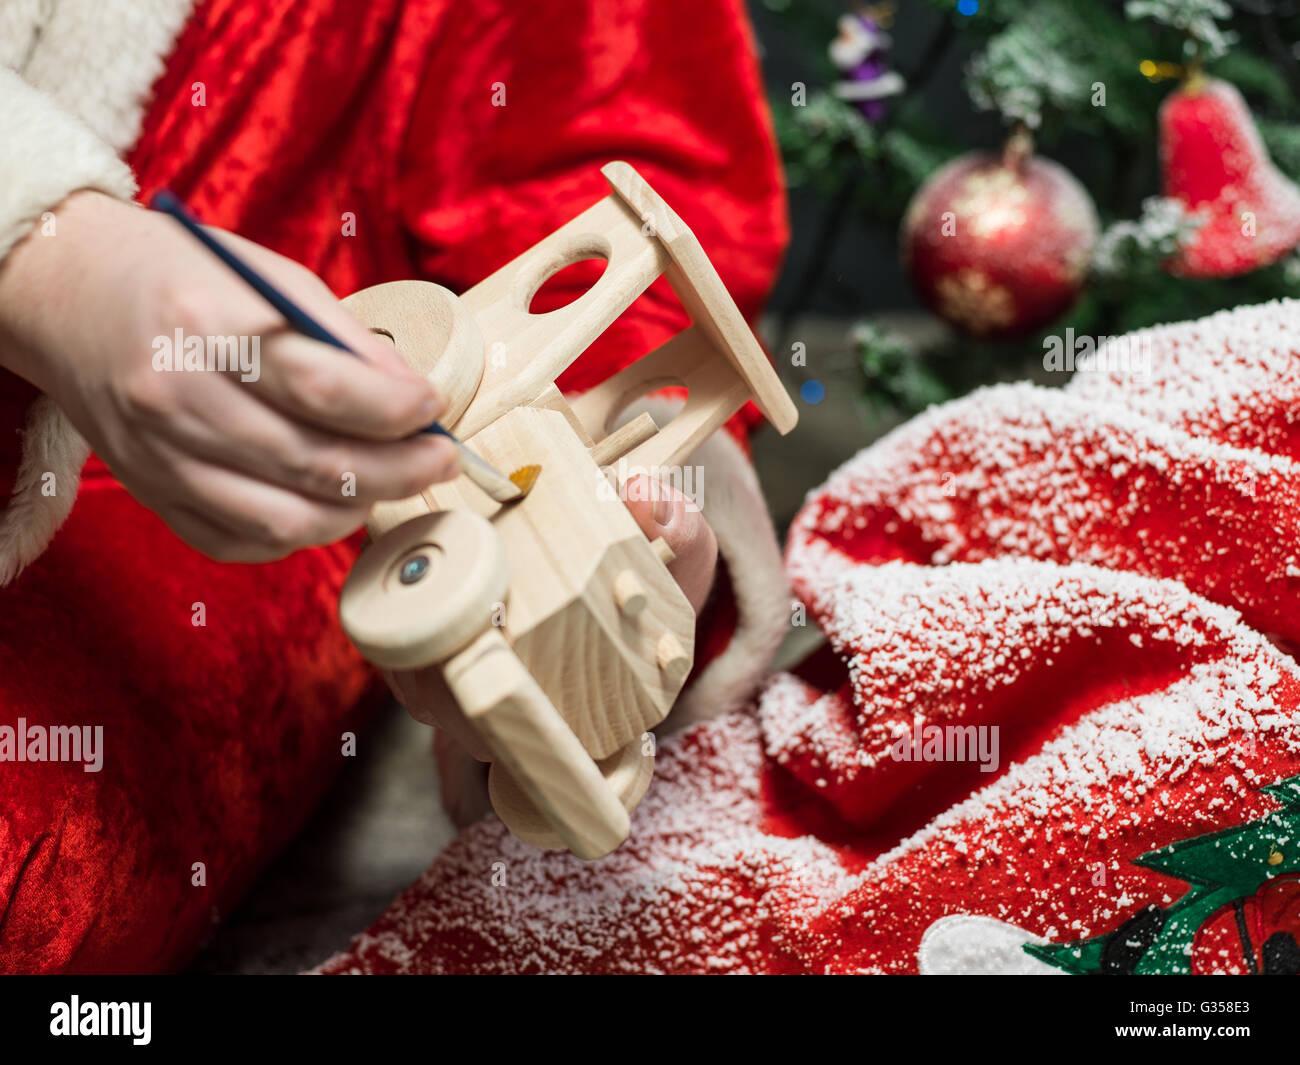 Babbo Natale pittura giocattolo di legno con gouache Immagini Stock